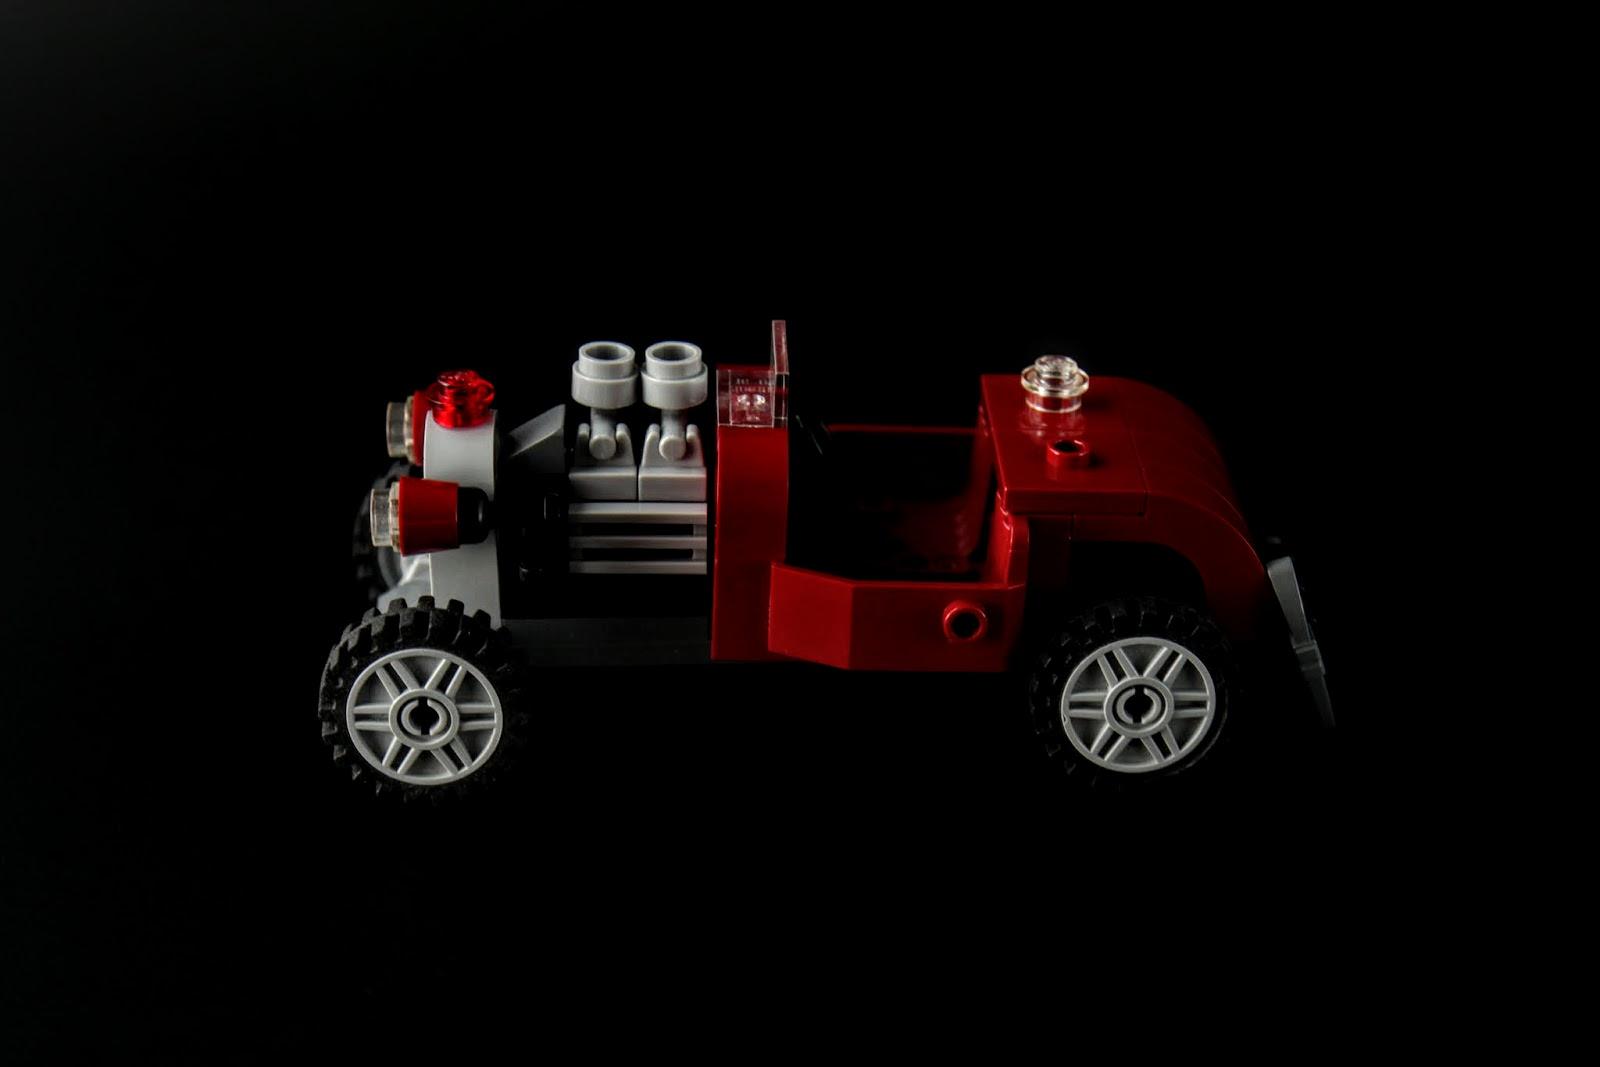 雖然說引擎好像要有四個幫浦看起來比較殺